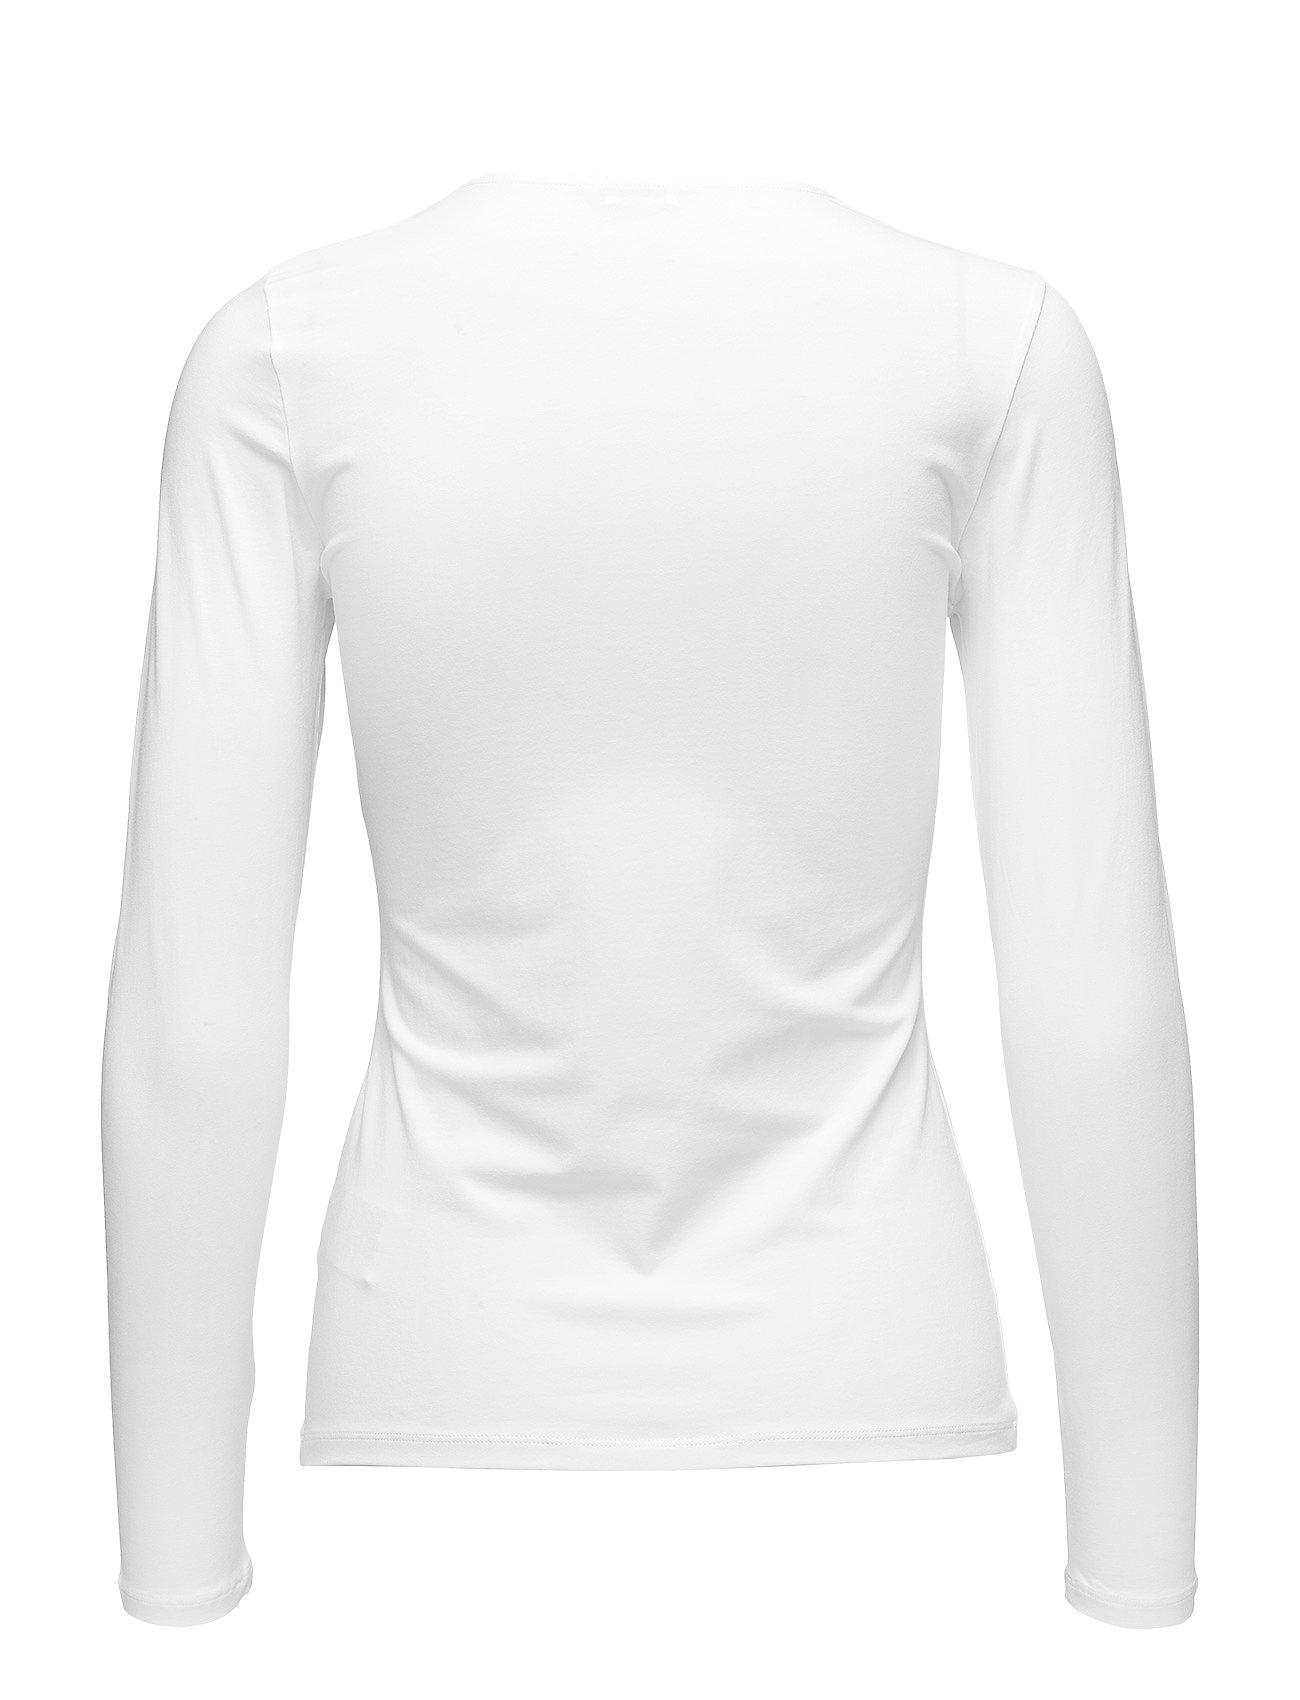 K SleevewhiteFilippa Cotton Cotton Stretch Long uPXkZi